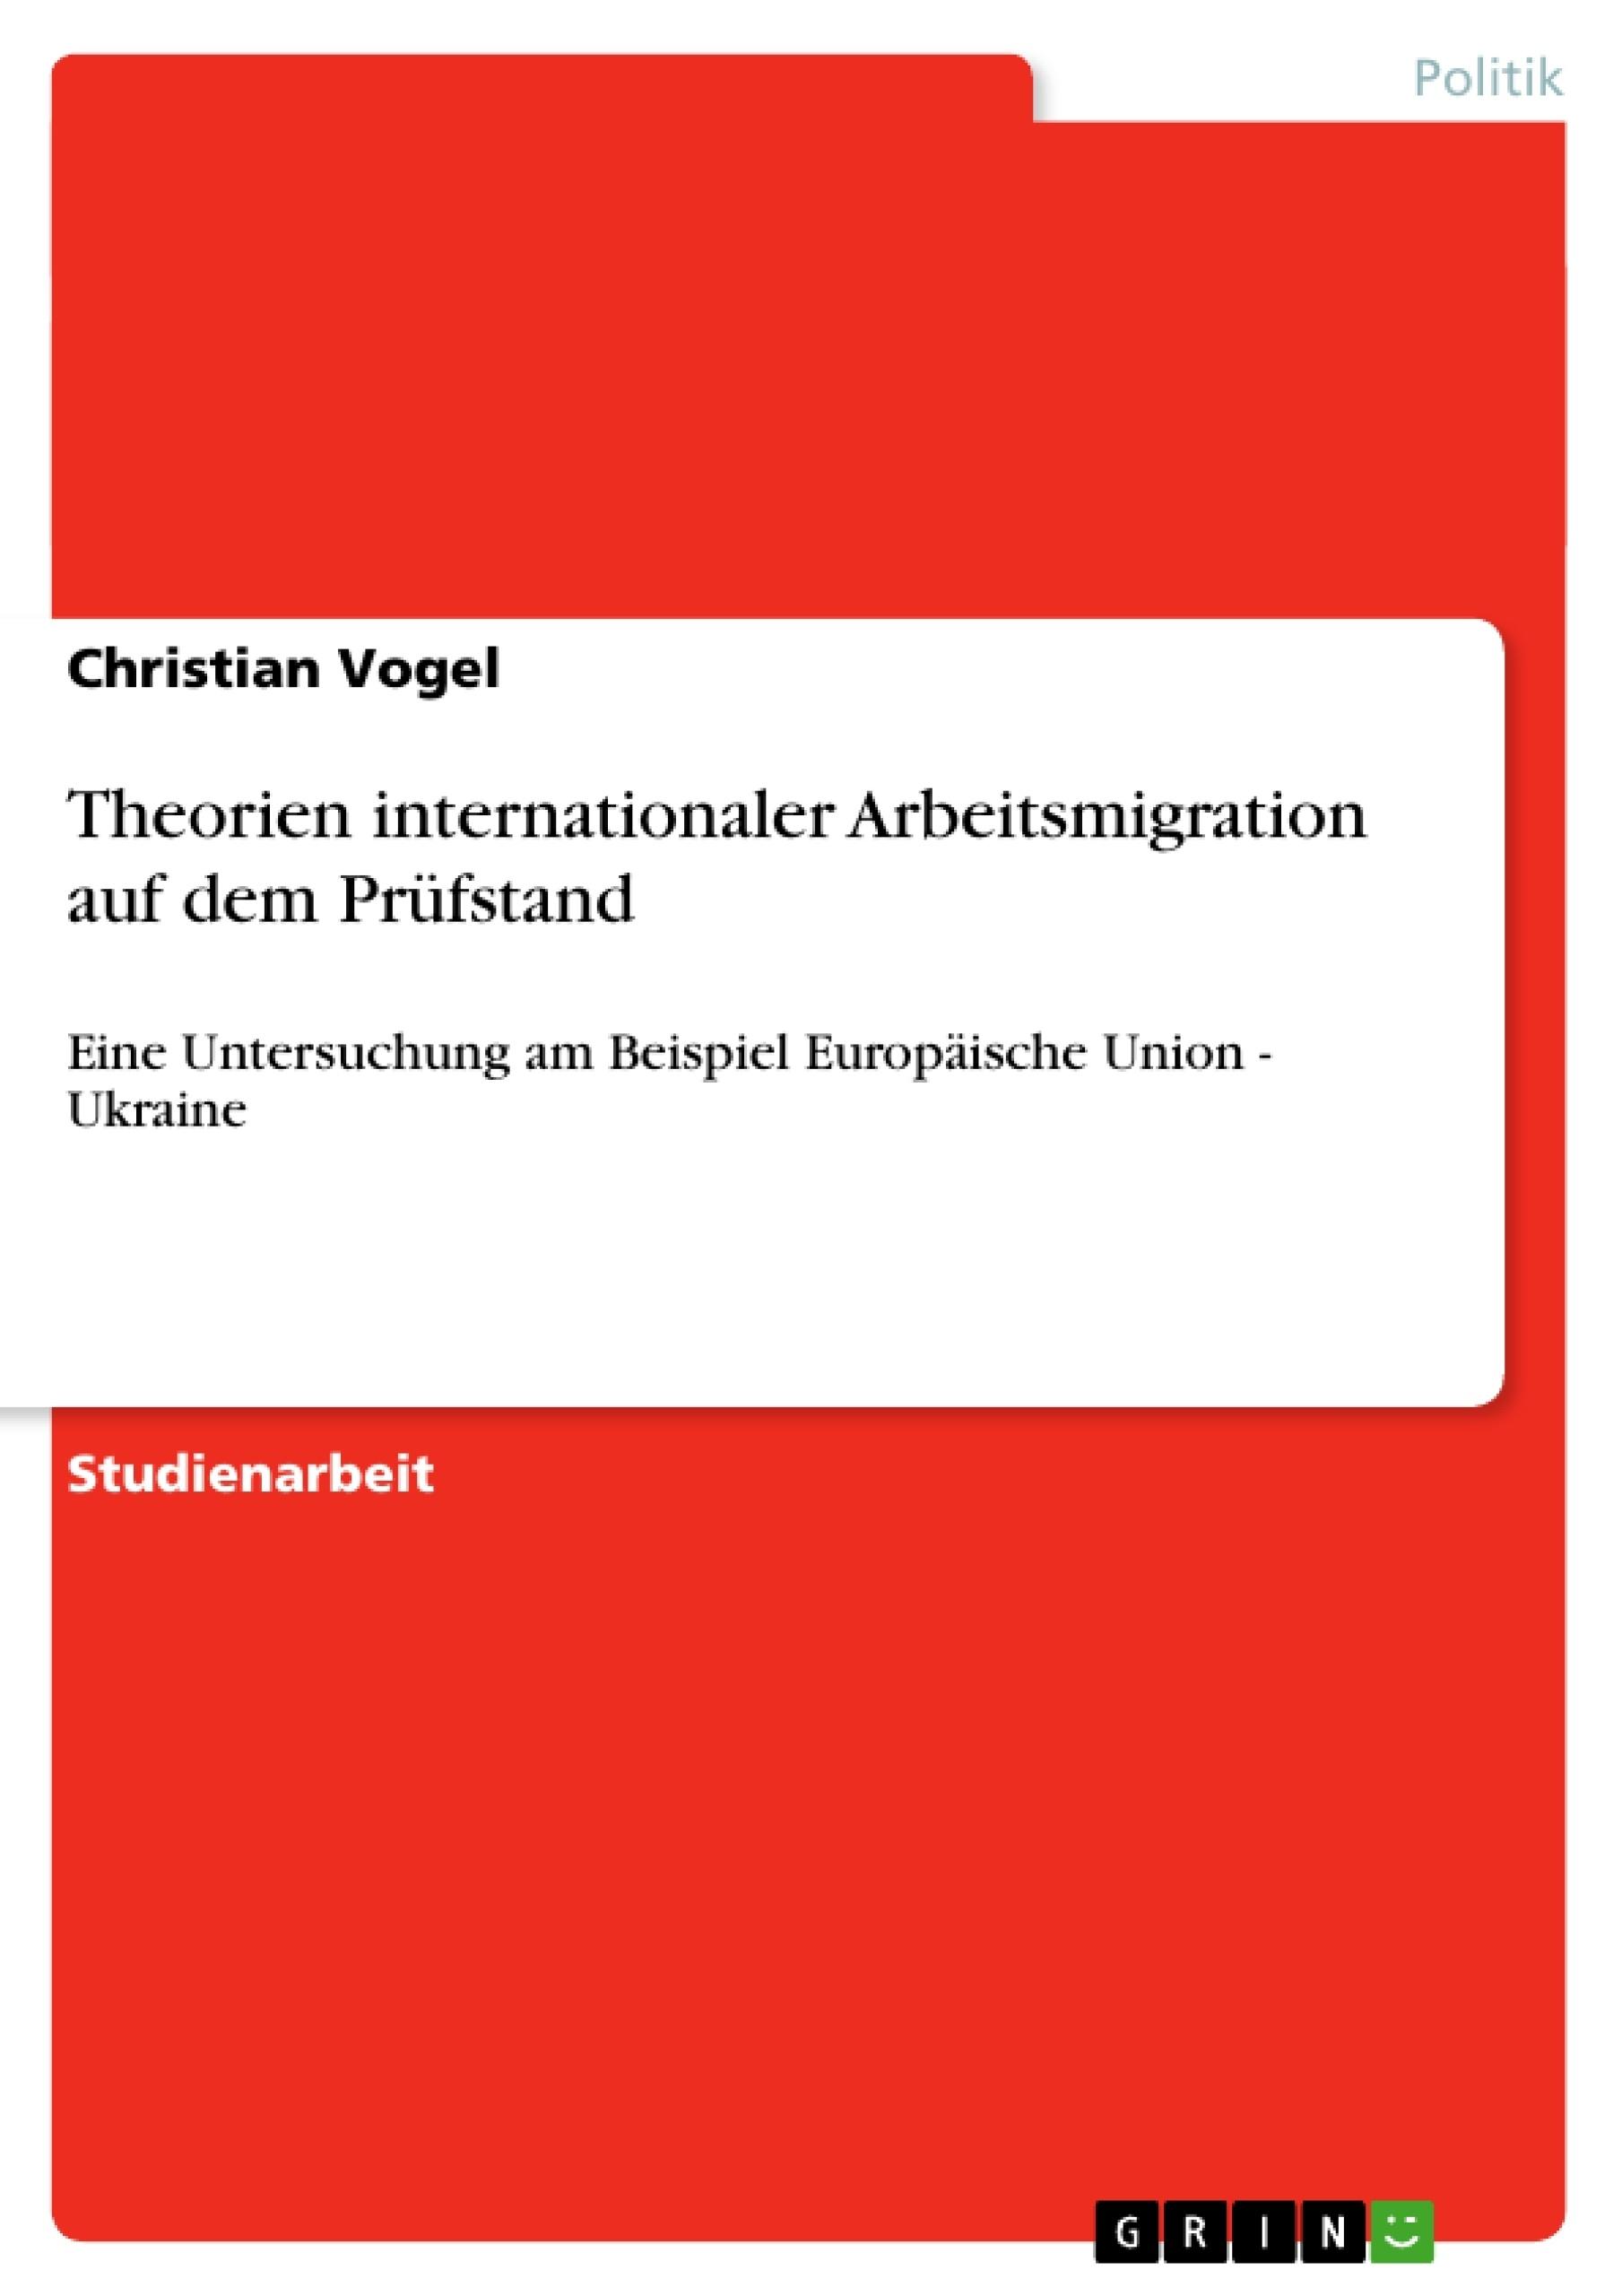 Titel: Theorien internationaler Arbeitsmigration auf dem Prüfstand